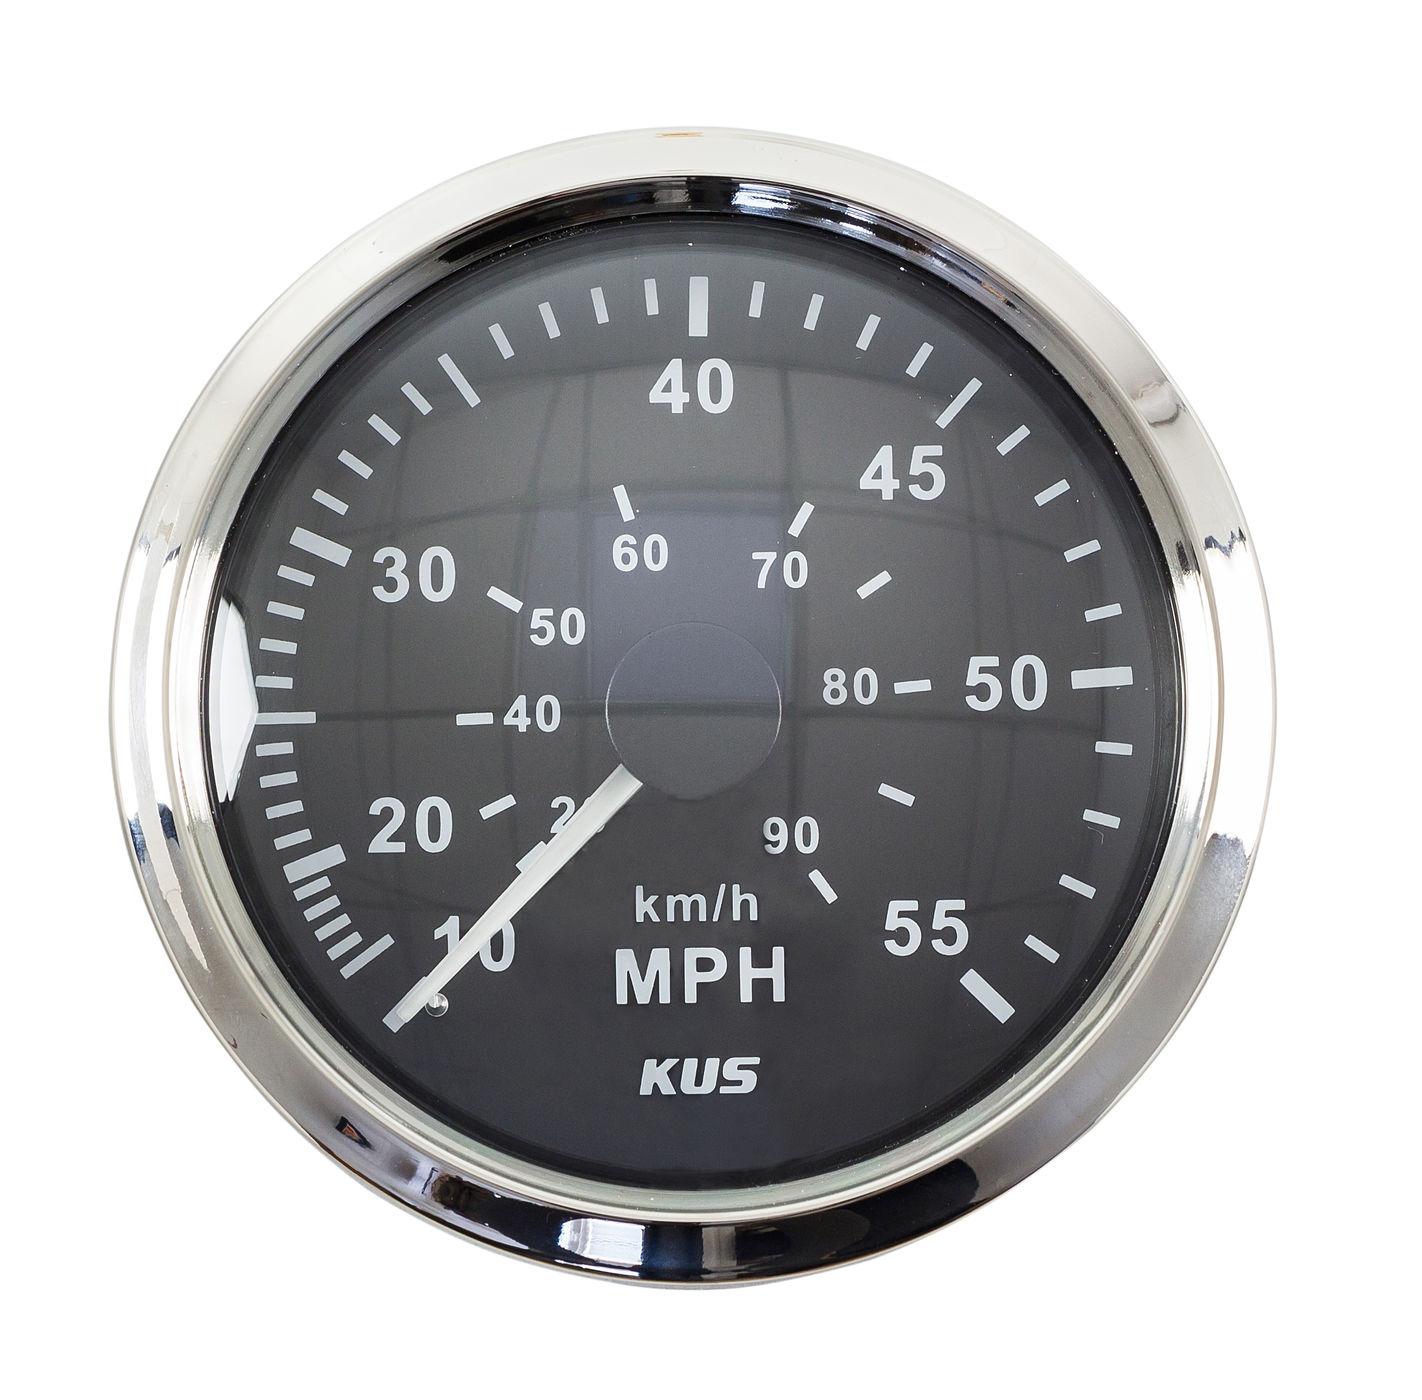 Indicateur de vitesse 0-55 mi/h, cadran noir lunette en acier inoxydable, etc. 85mm KY18002